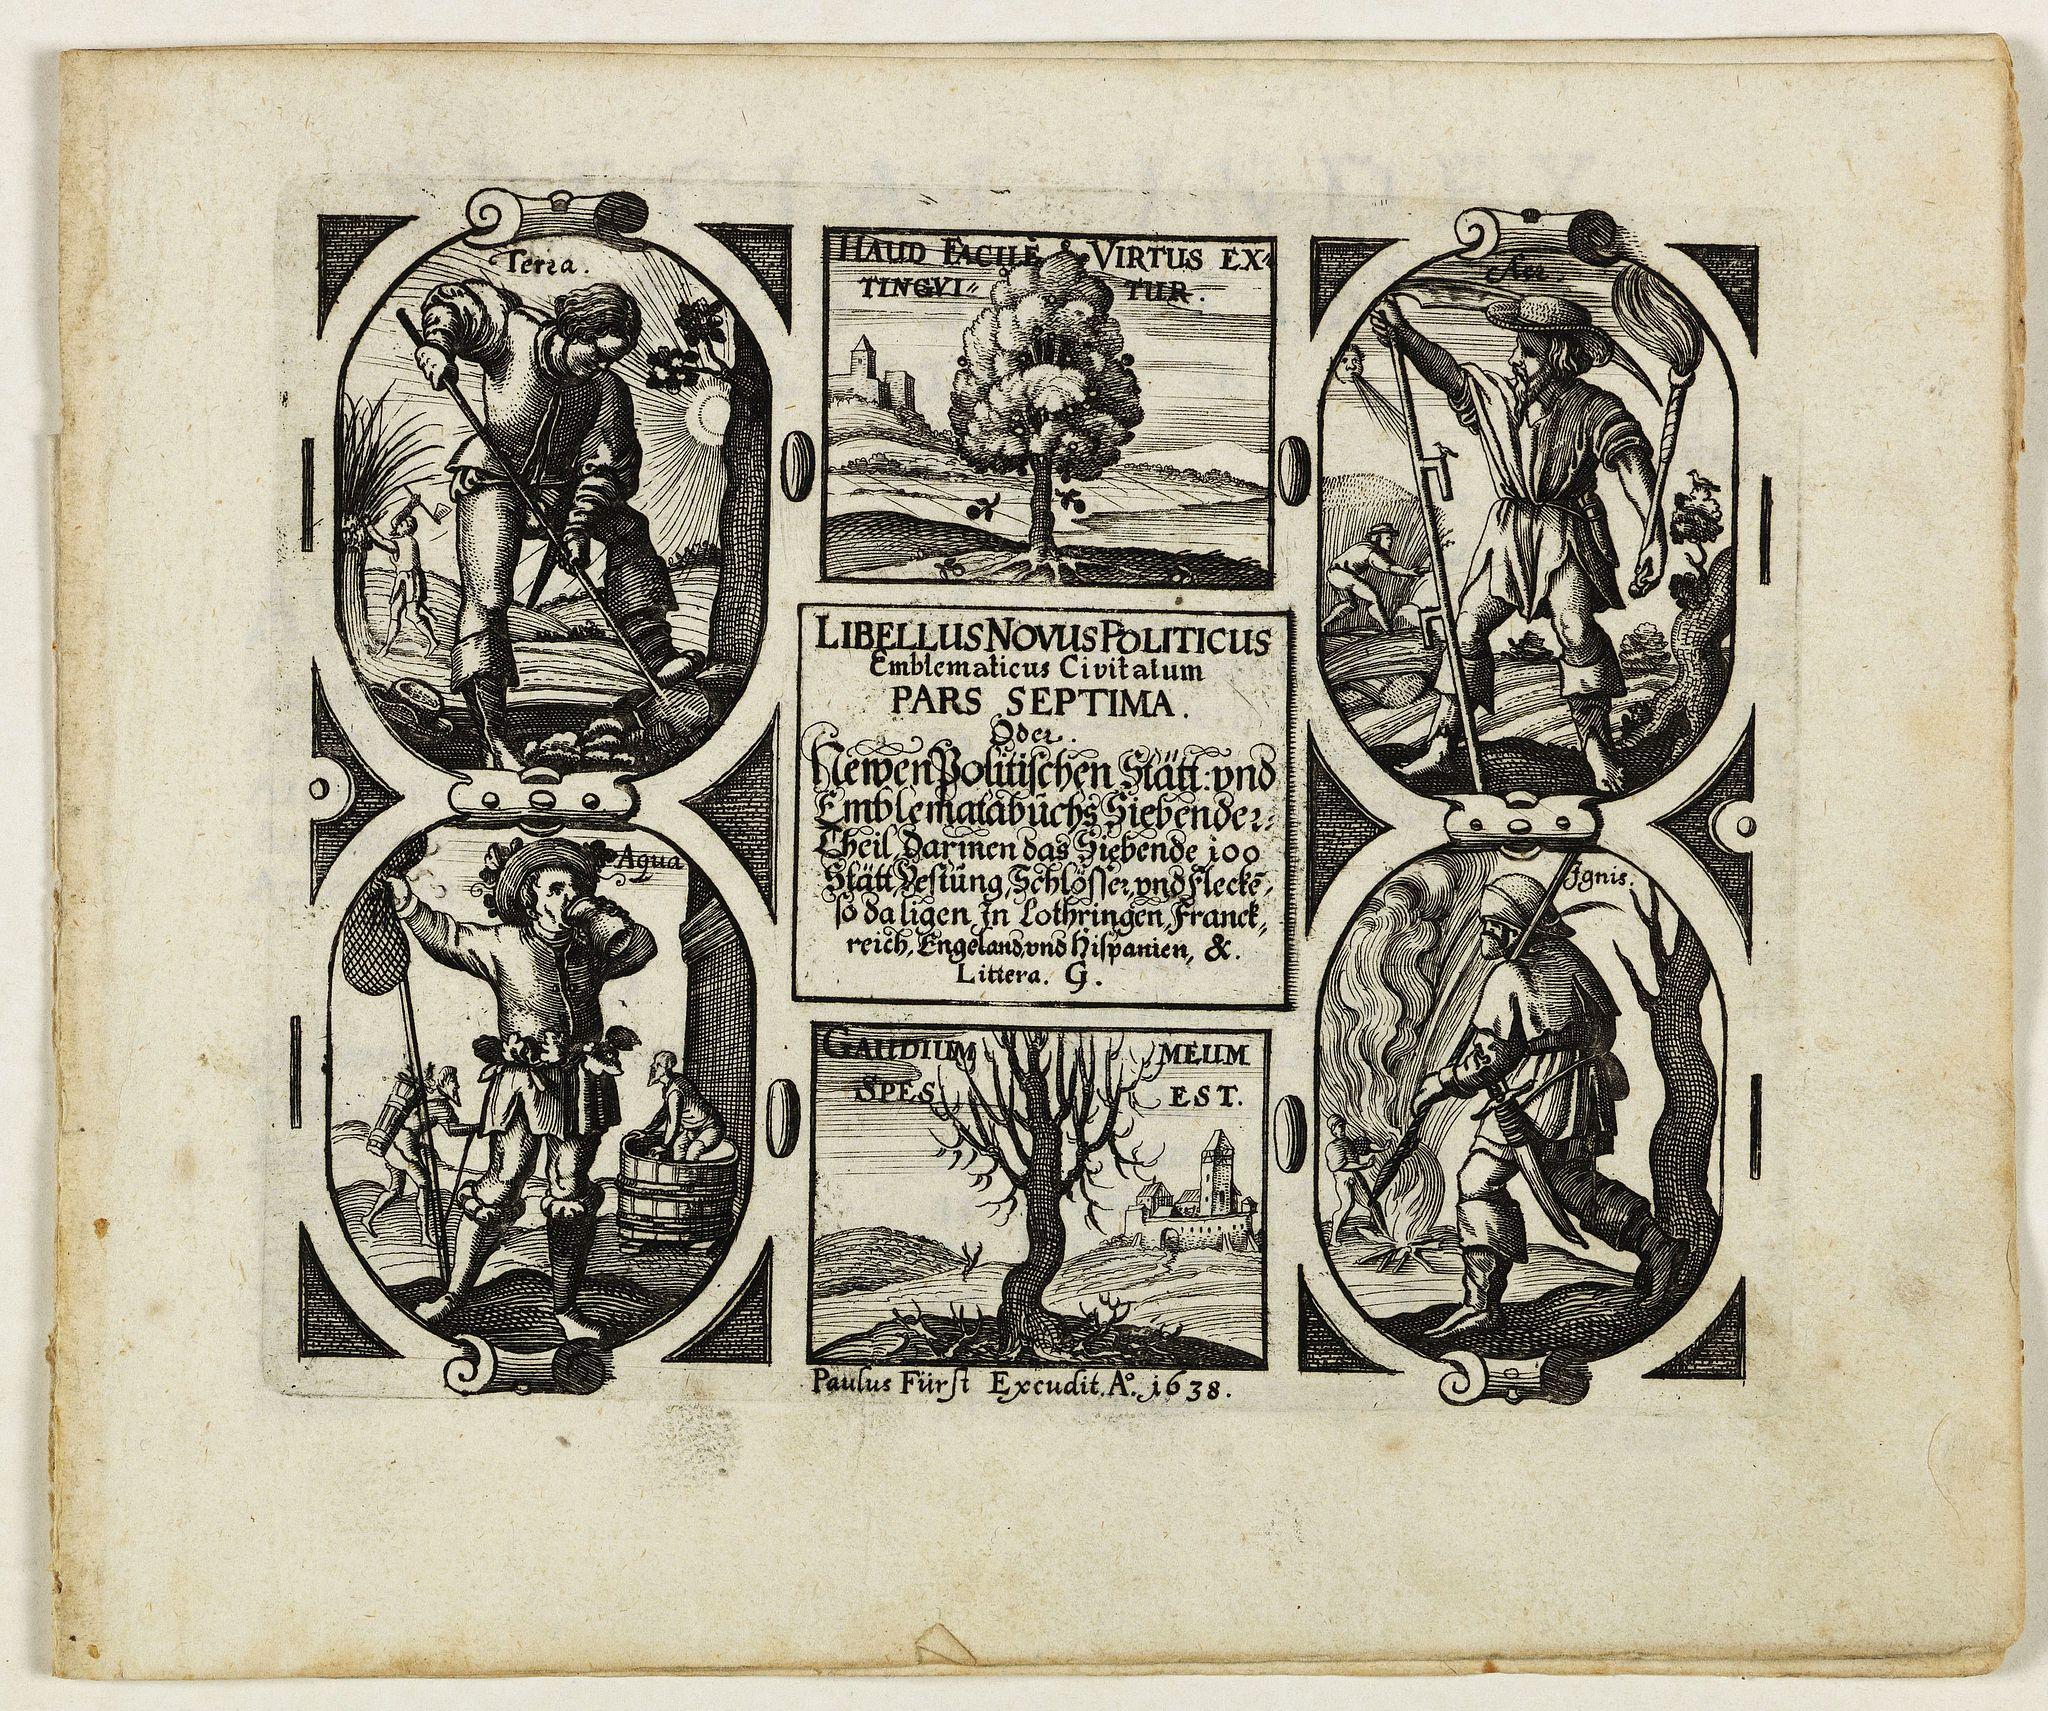 MEISNER, D. -  [Title page] Libellus Novus Politicus. . .  Pars Spetima.